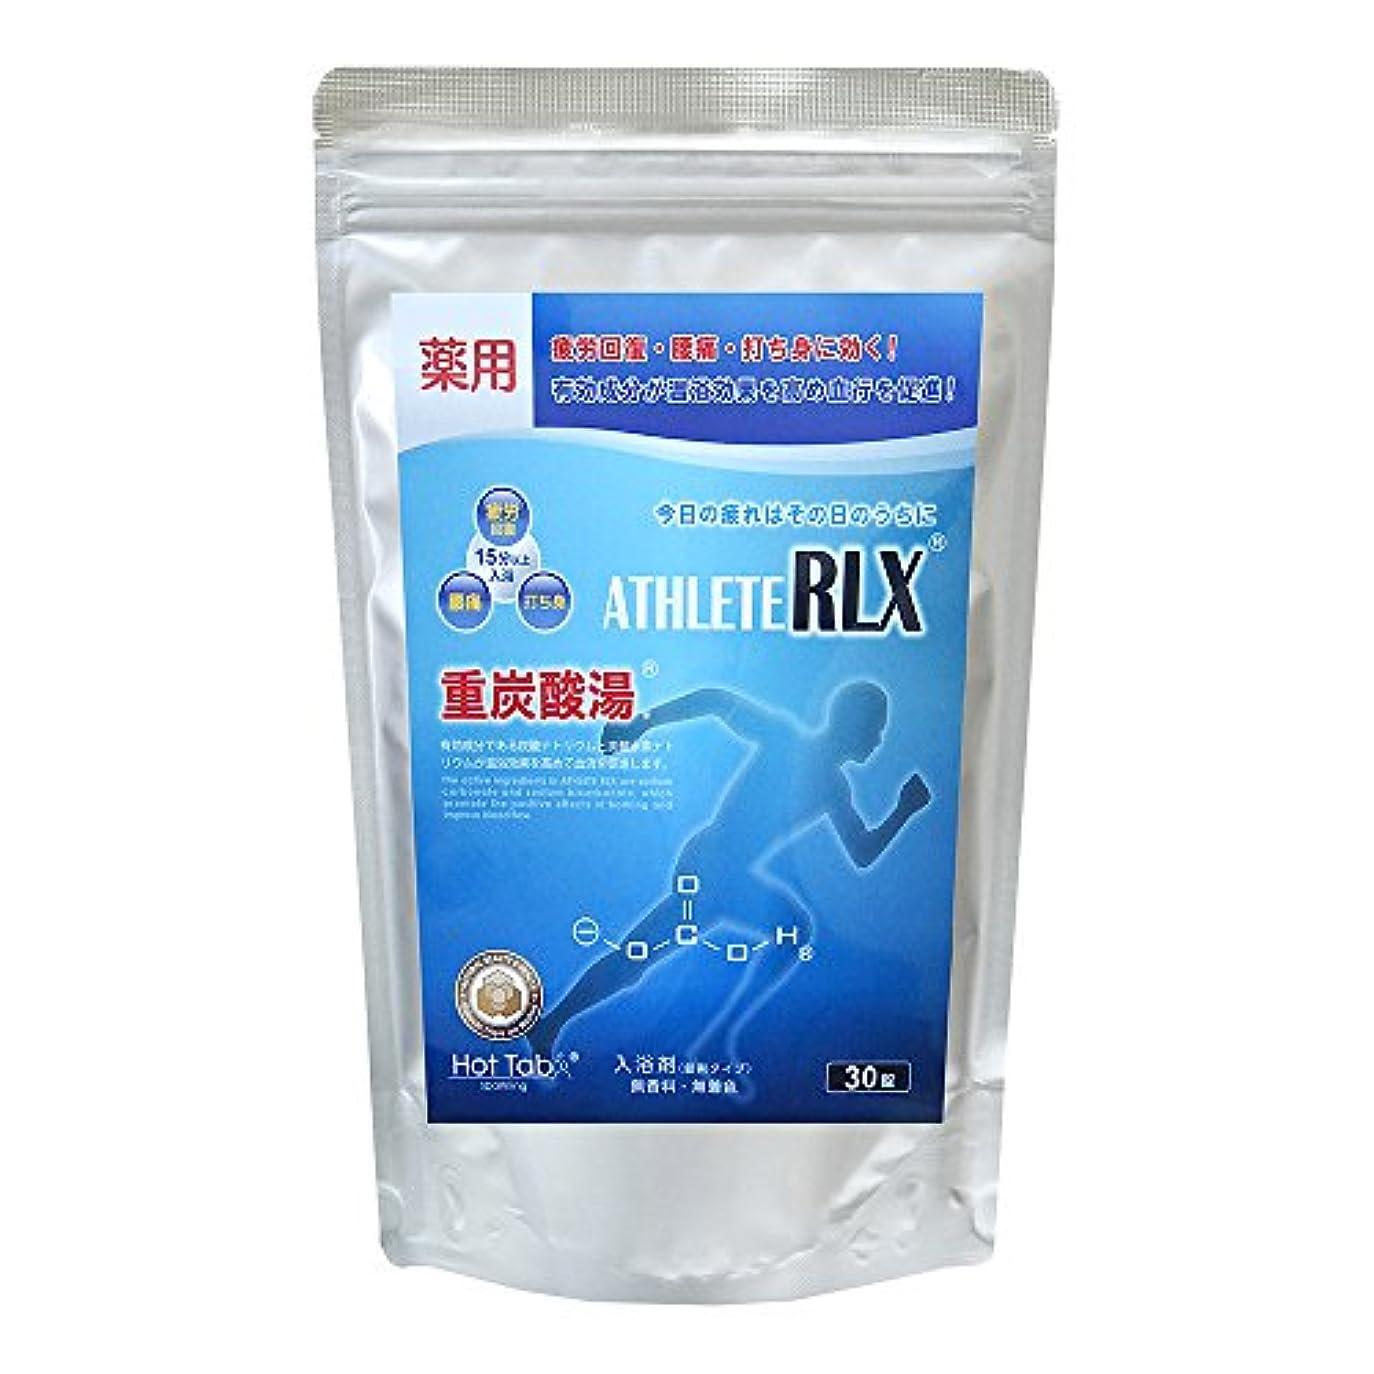 かけがえのない高さ器具ホットアルバムコム ATHLETE RLX(アスリートRLX) 薬用 30錠入り